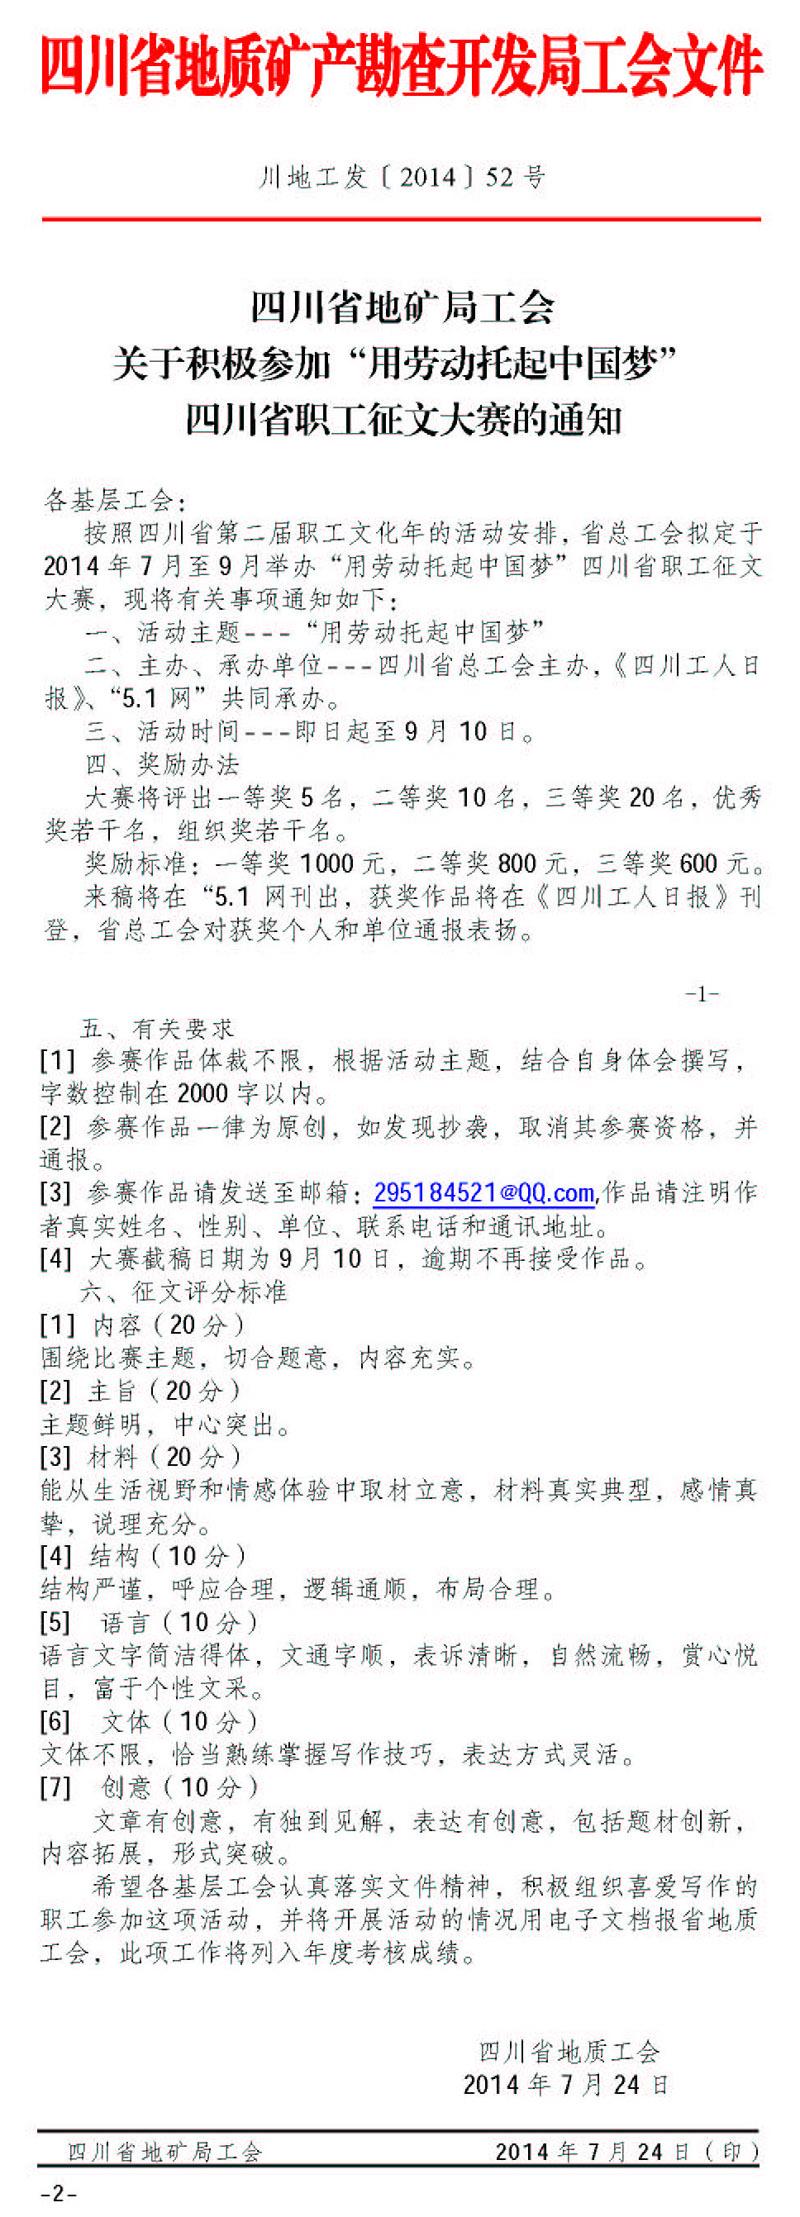 """""""用劳动托起中国梦""""四川省职工征文大赛的通知"""